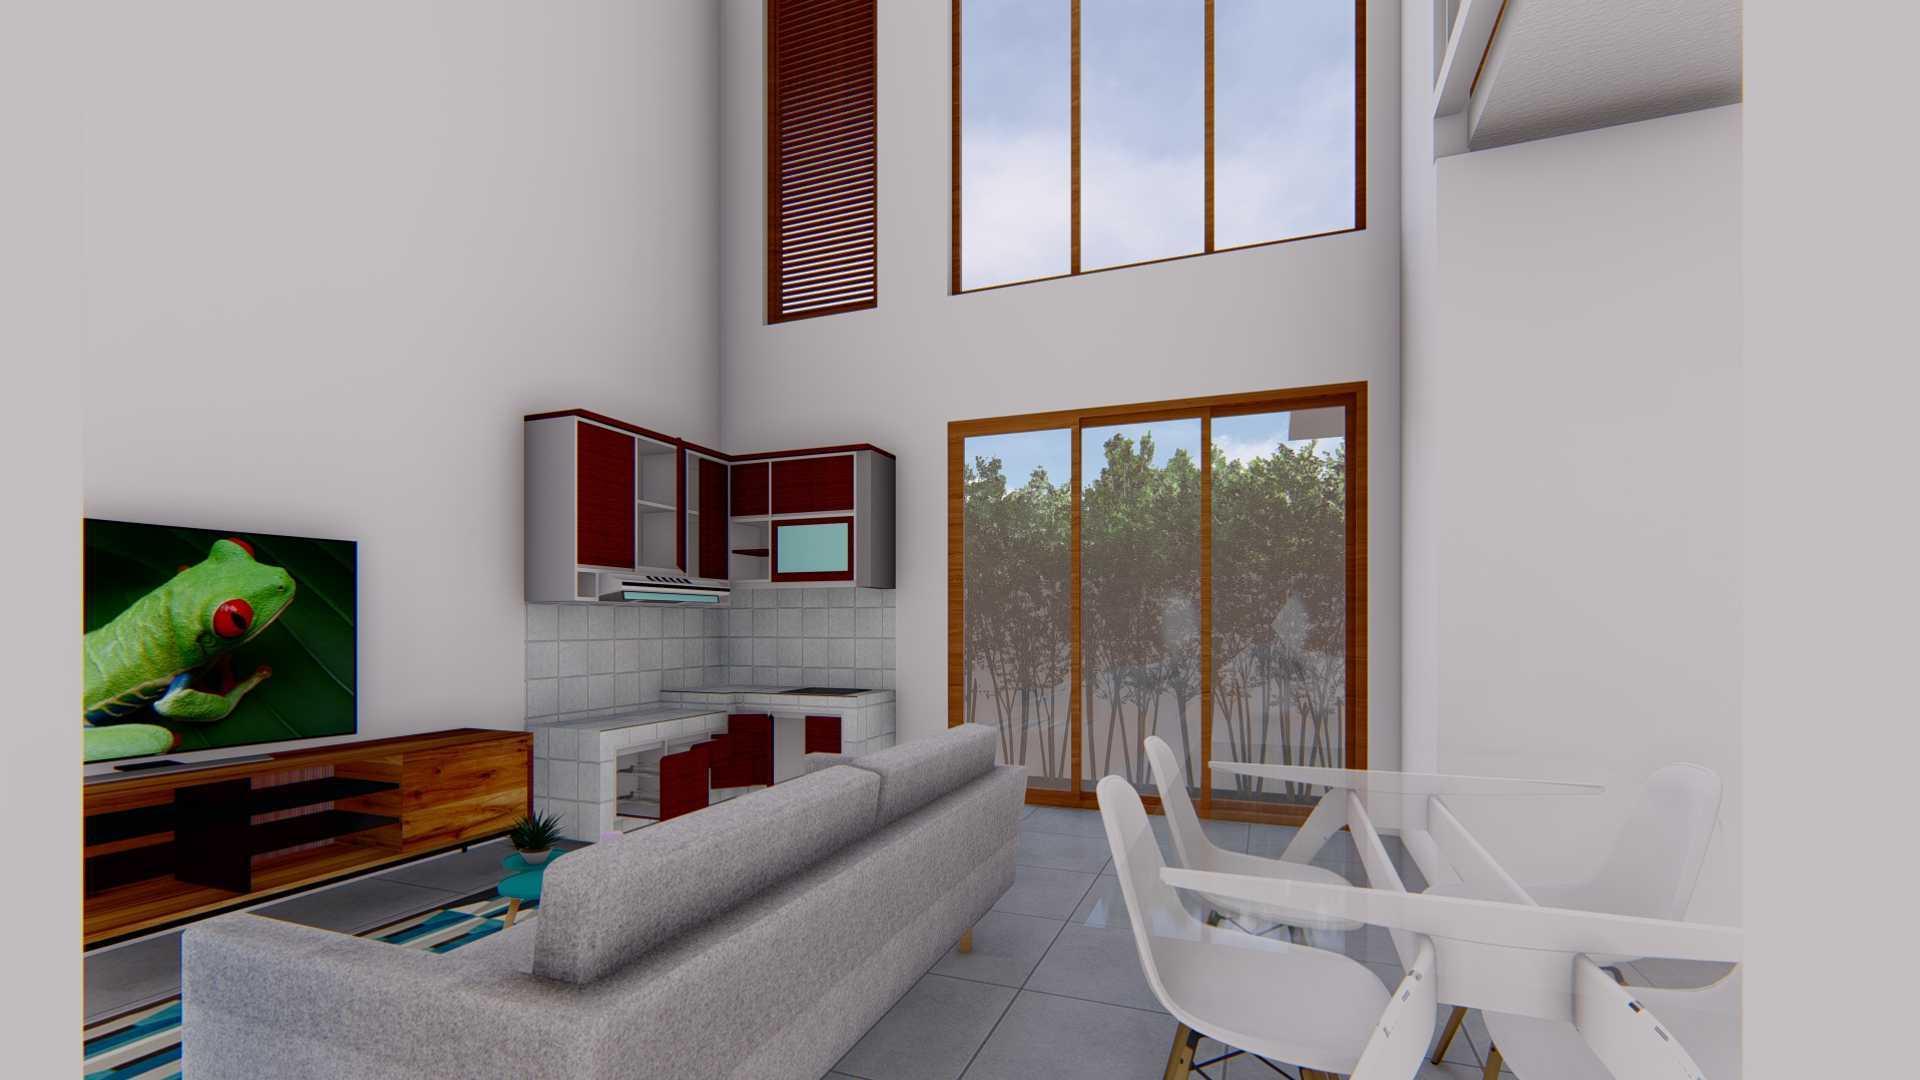 Astabumi Studio Sm House Pemalang Pemalang, Kec. Pemalang, Kabupaten Pemalang, Jawa Tengah, Indonesia Surabaya Cv-Astabumi-Manunggal-Prakarsa-Sm-House-Pemalang   119279